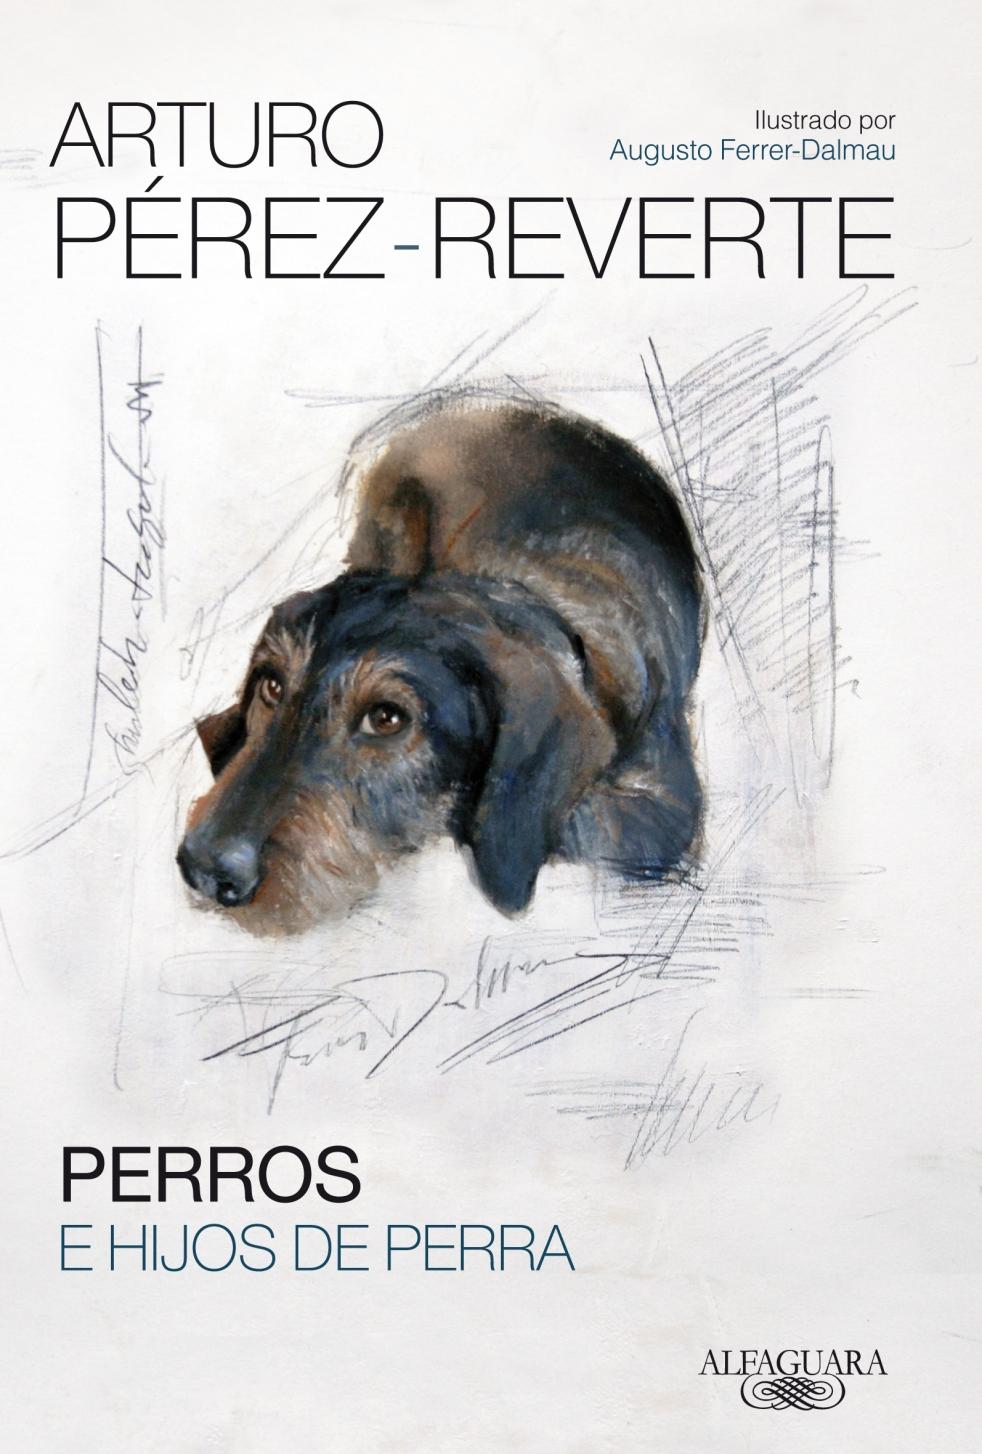 perros-e-hijos-de-perra-paginas-de-nieve-arturo-perez-reverte